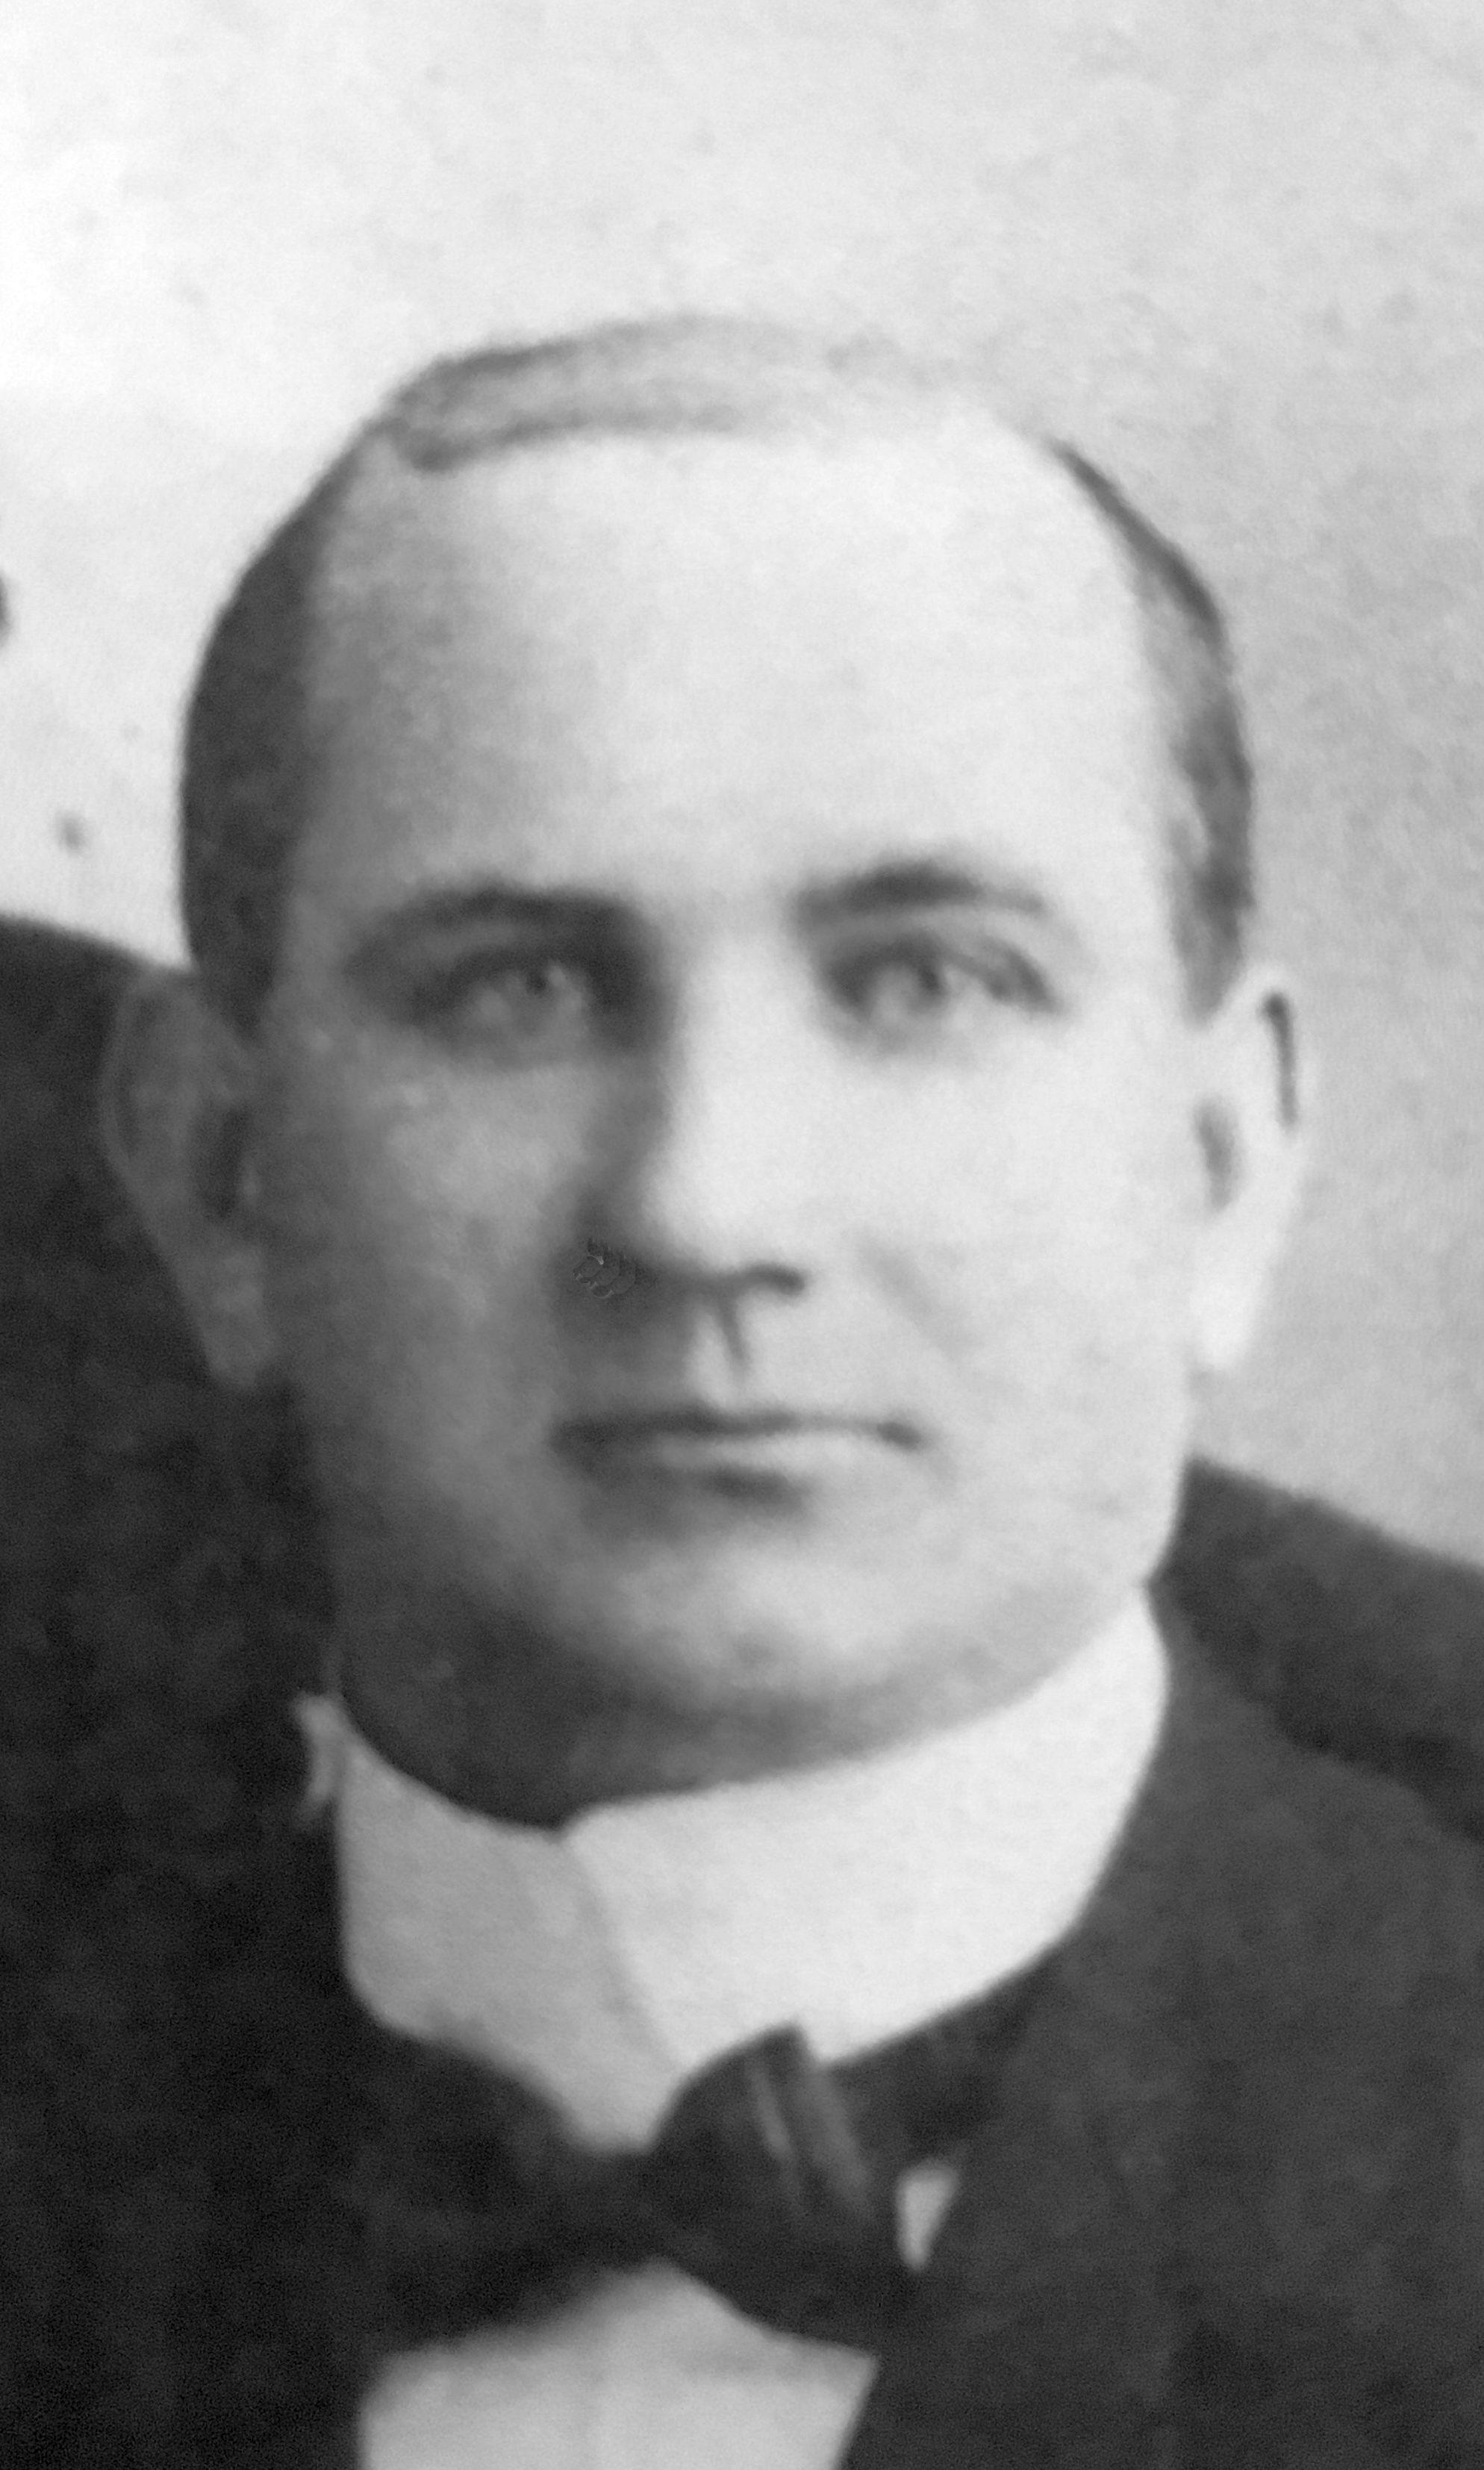 Ercanbrack, William Wesley